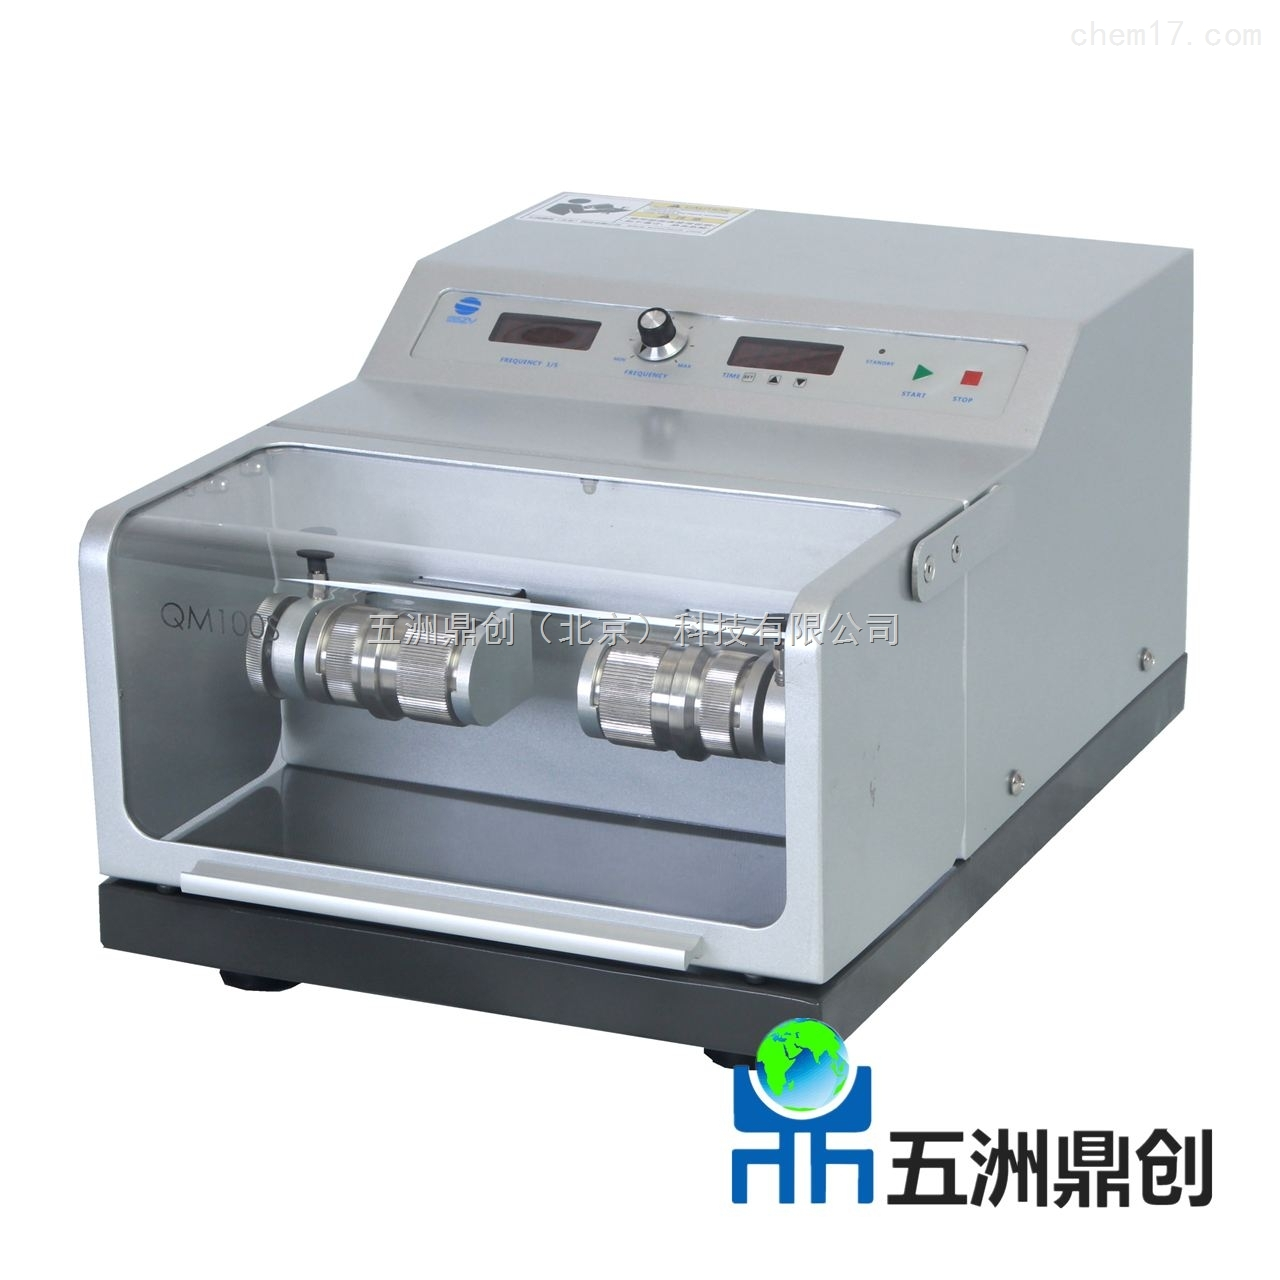 QM100S湖南 冷冻混合球磨仪